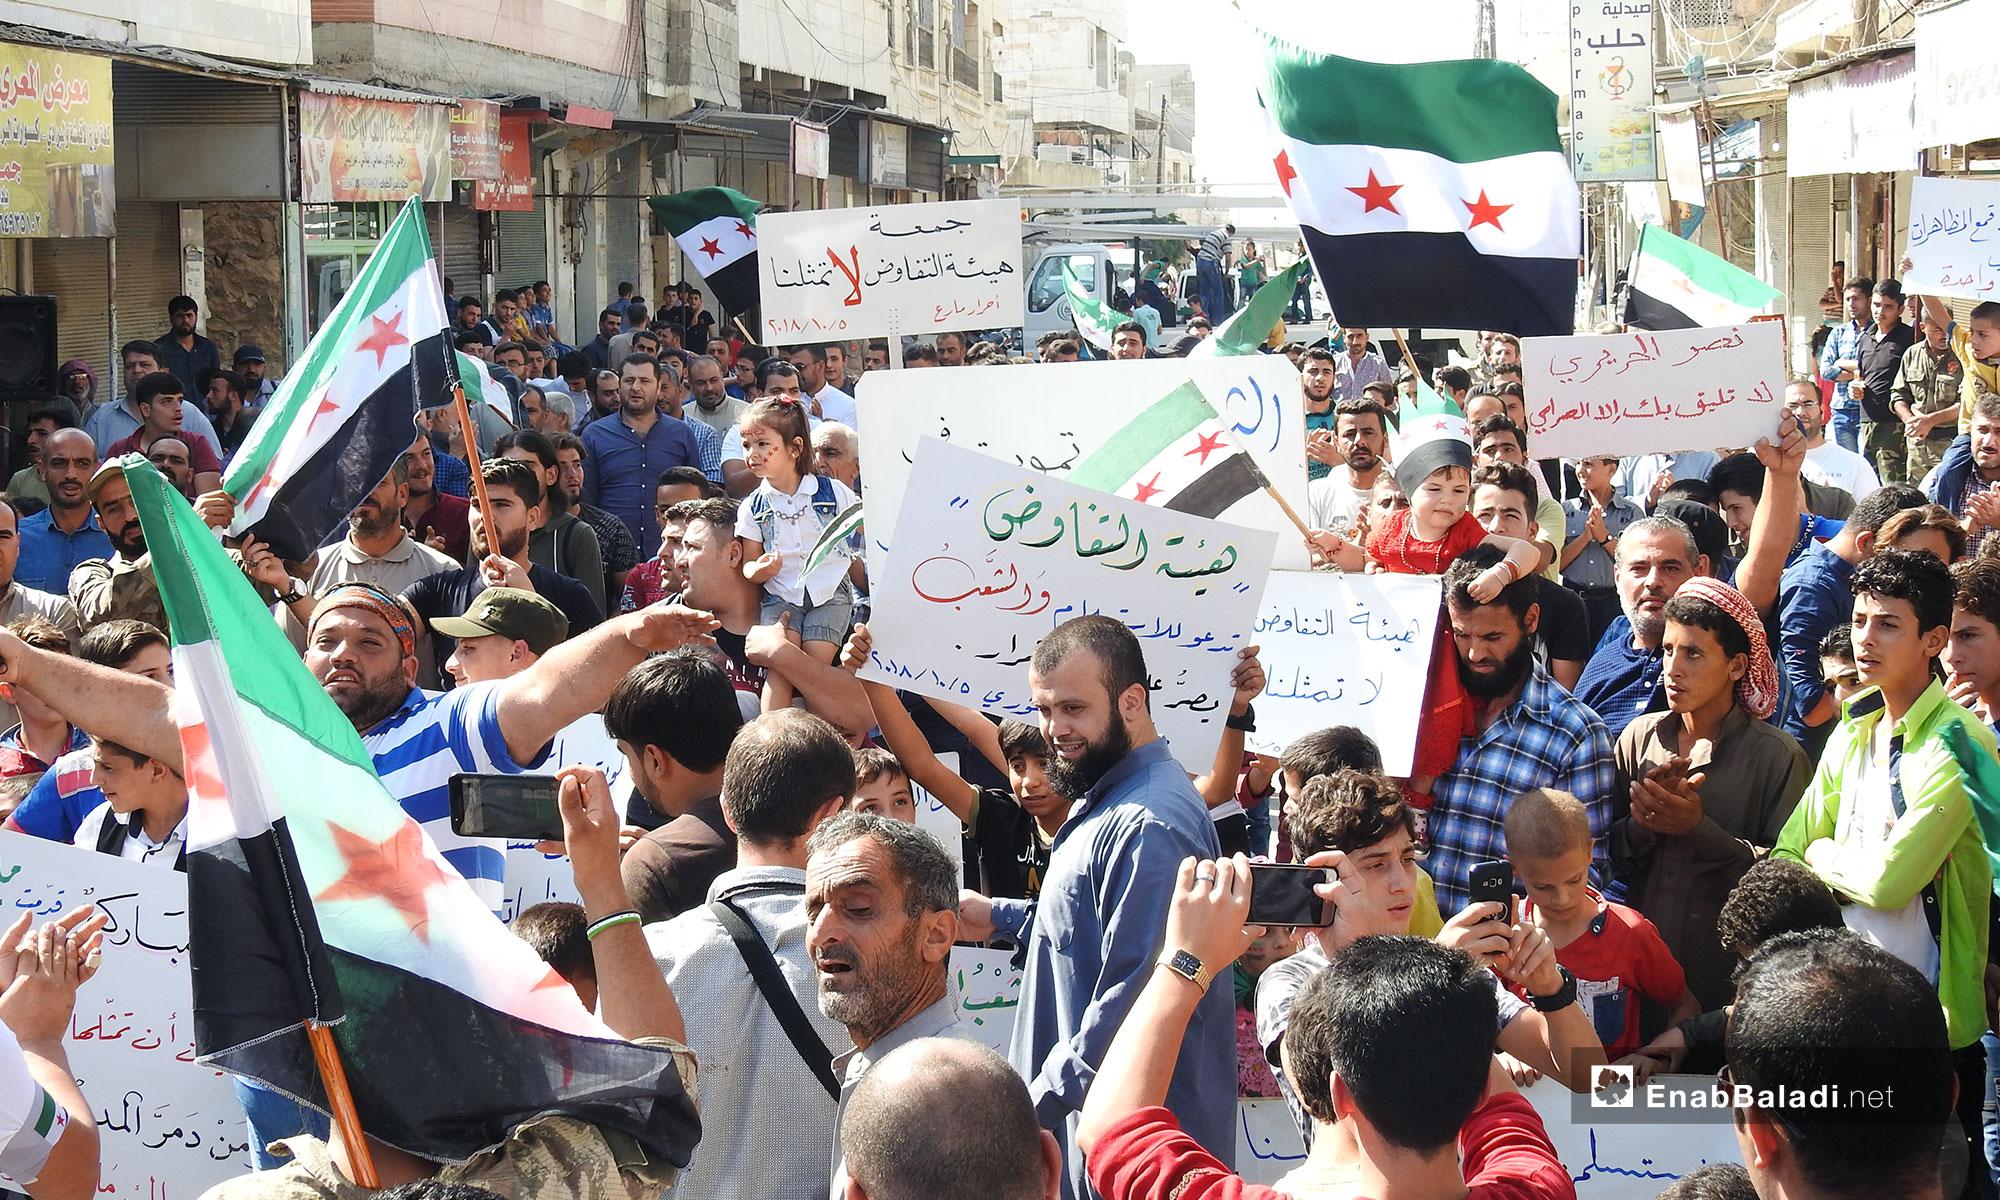 مظاهرات في بلدة مارع بريف حلب تطالب بإسقاط النظام السوري- 5 تشرين الأول 2018 (عنب بلدي)